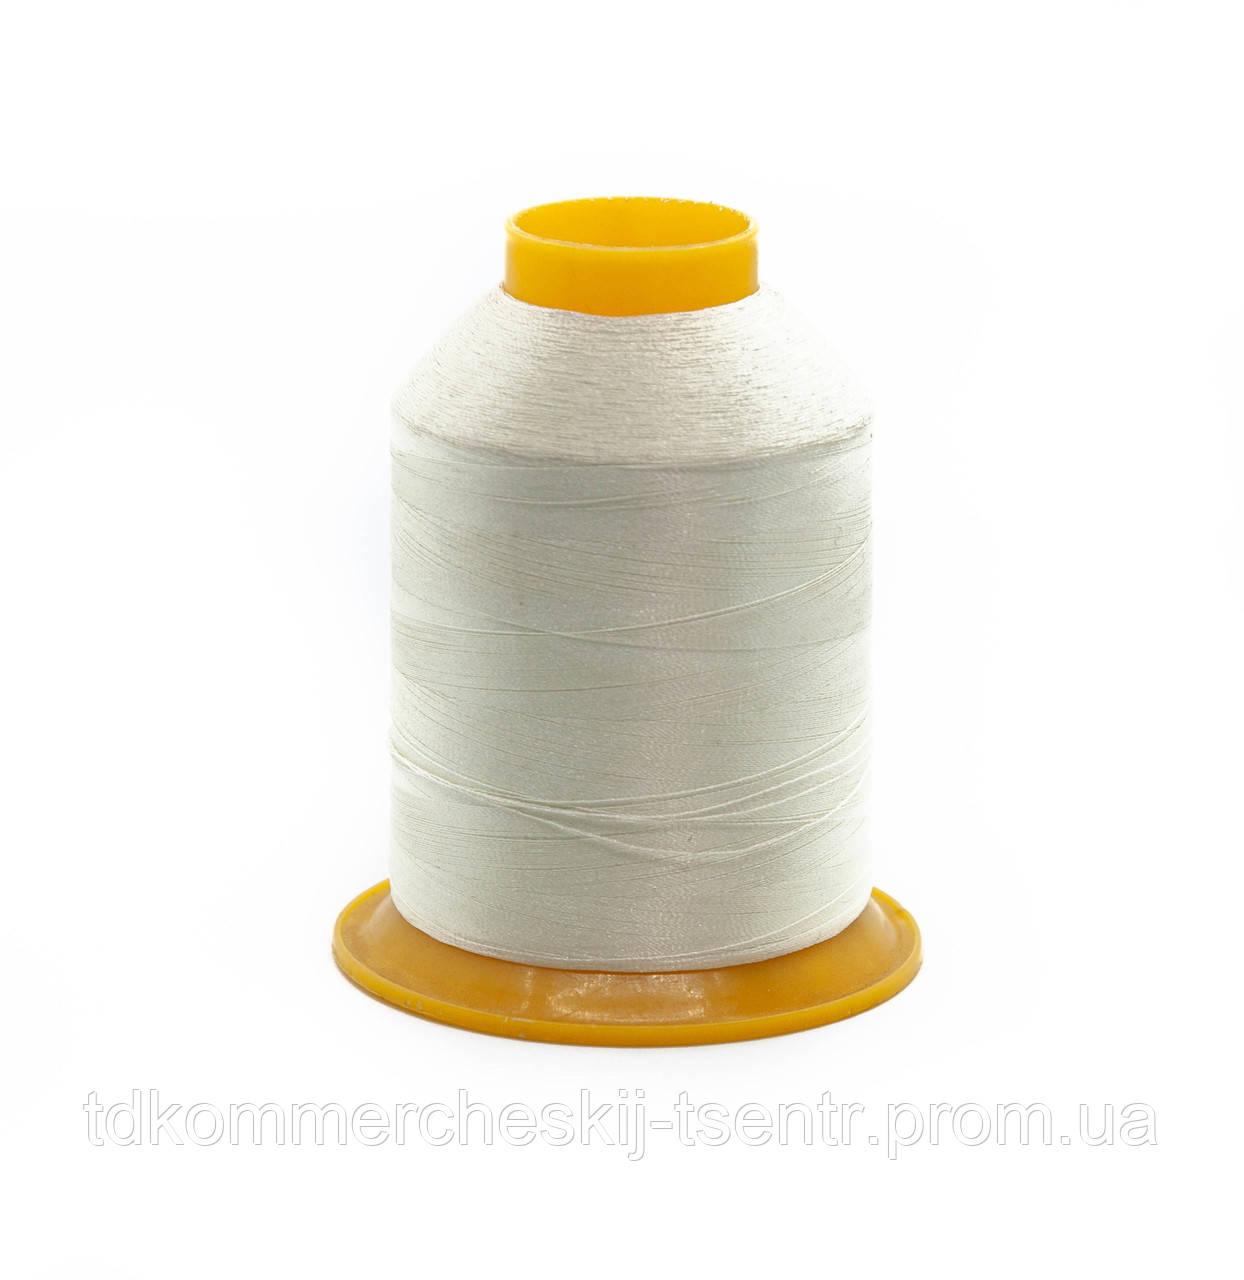 Вышивальная нить ТМ Sofia Gold цв 3336 (Молочный)